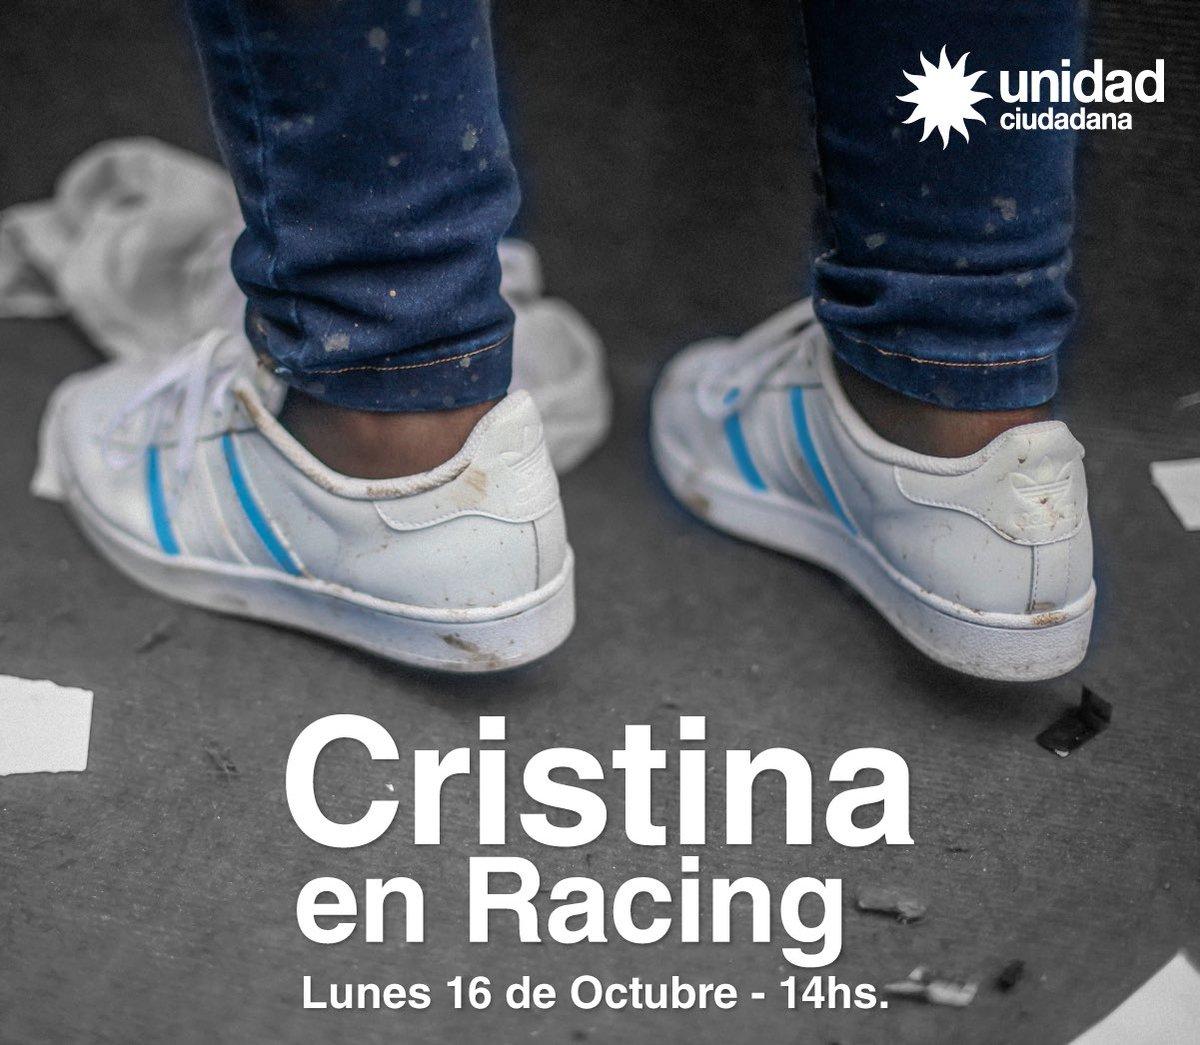 Cristina en Racing 16/10/2017 - 14 hs.